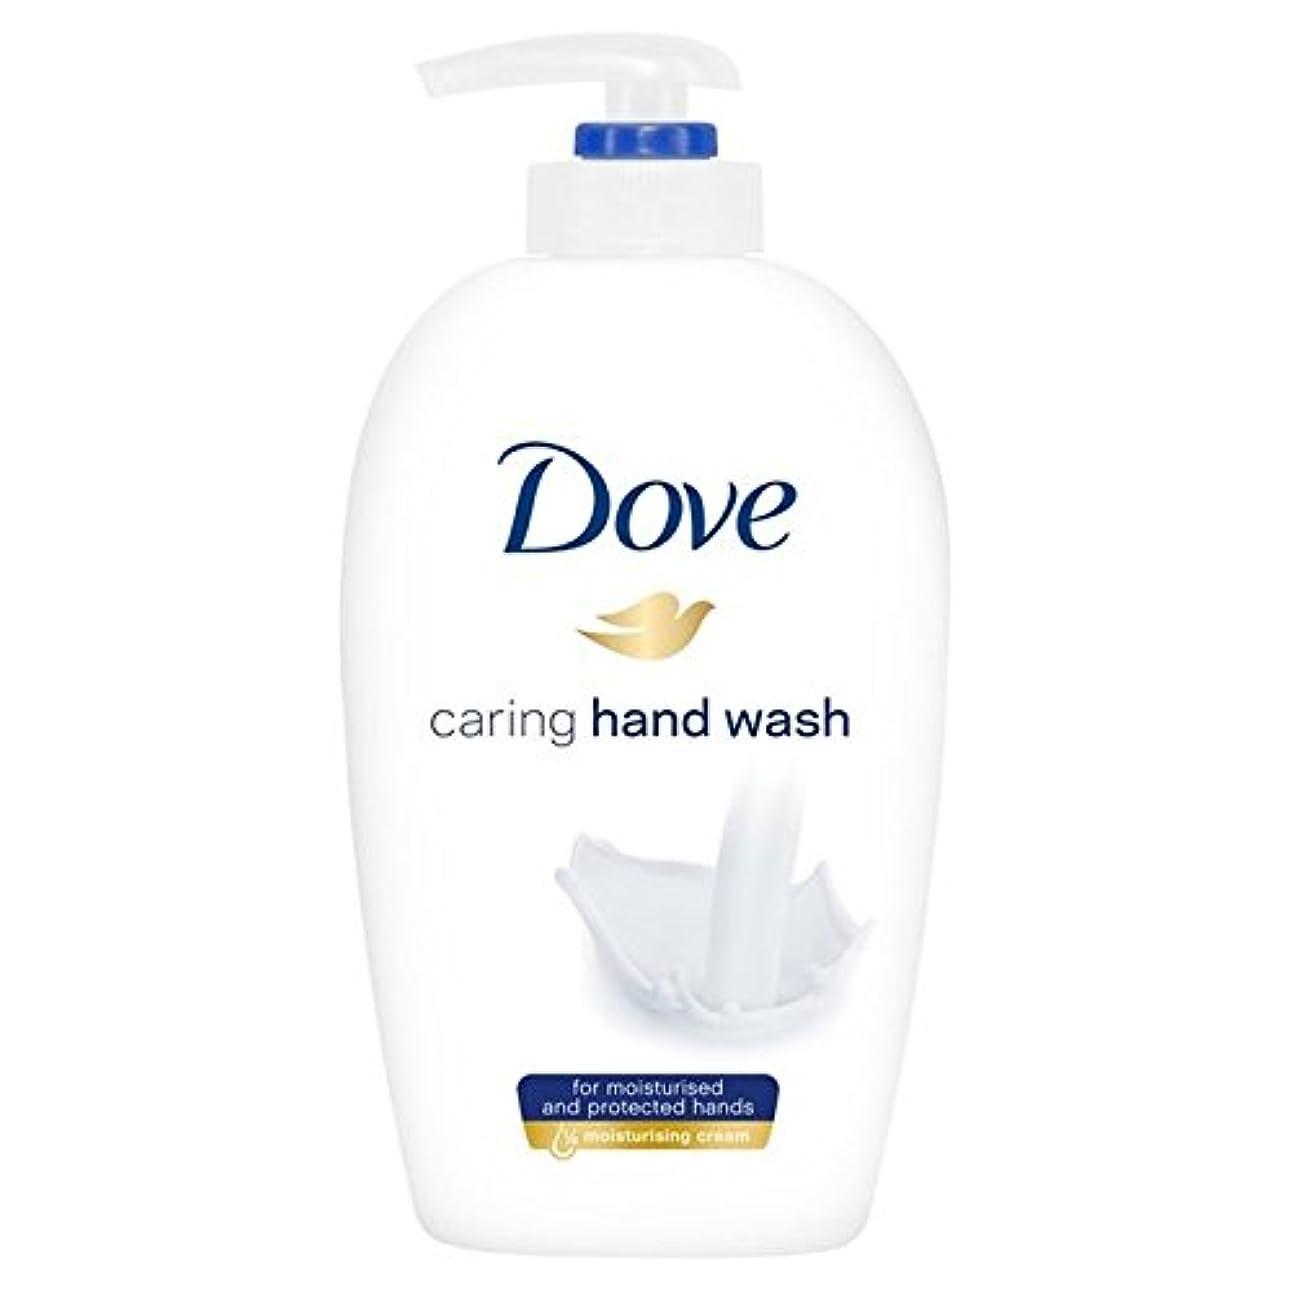 艦隊無傷ラボ鳩思いやり手洗い250ミリリットル x4 - Dove Caring Hand Wash 250ml (Pack of 4) [並行輸入品]